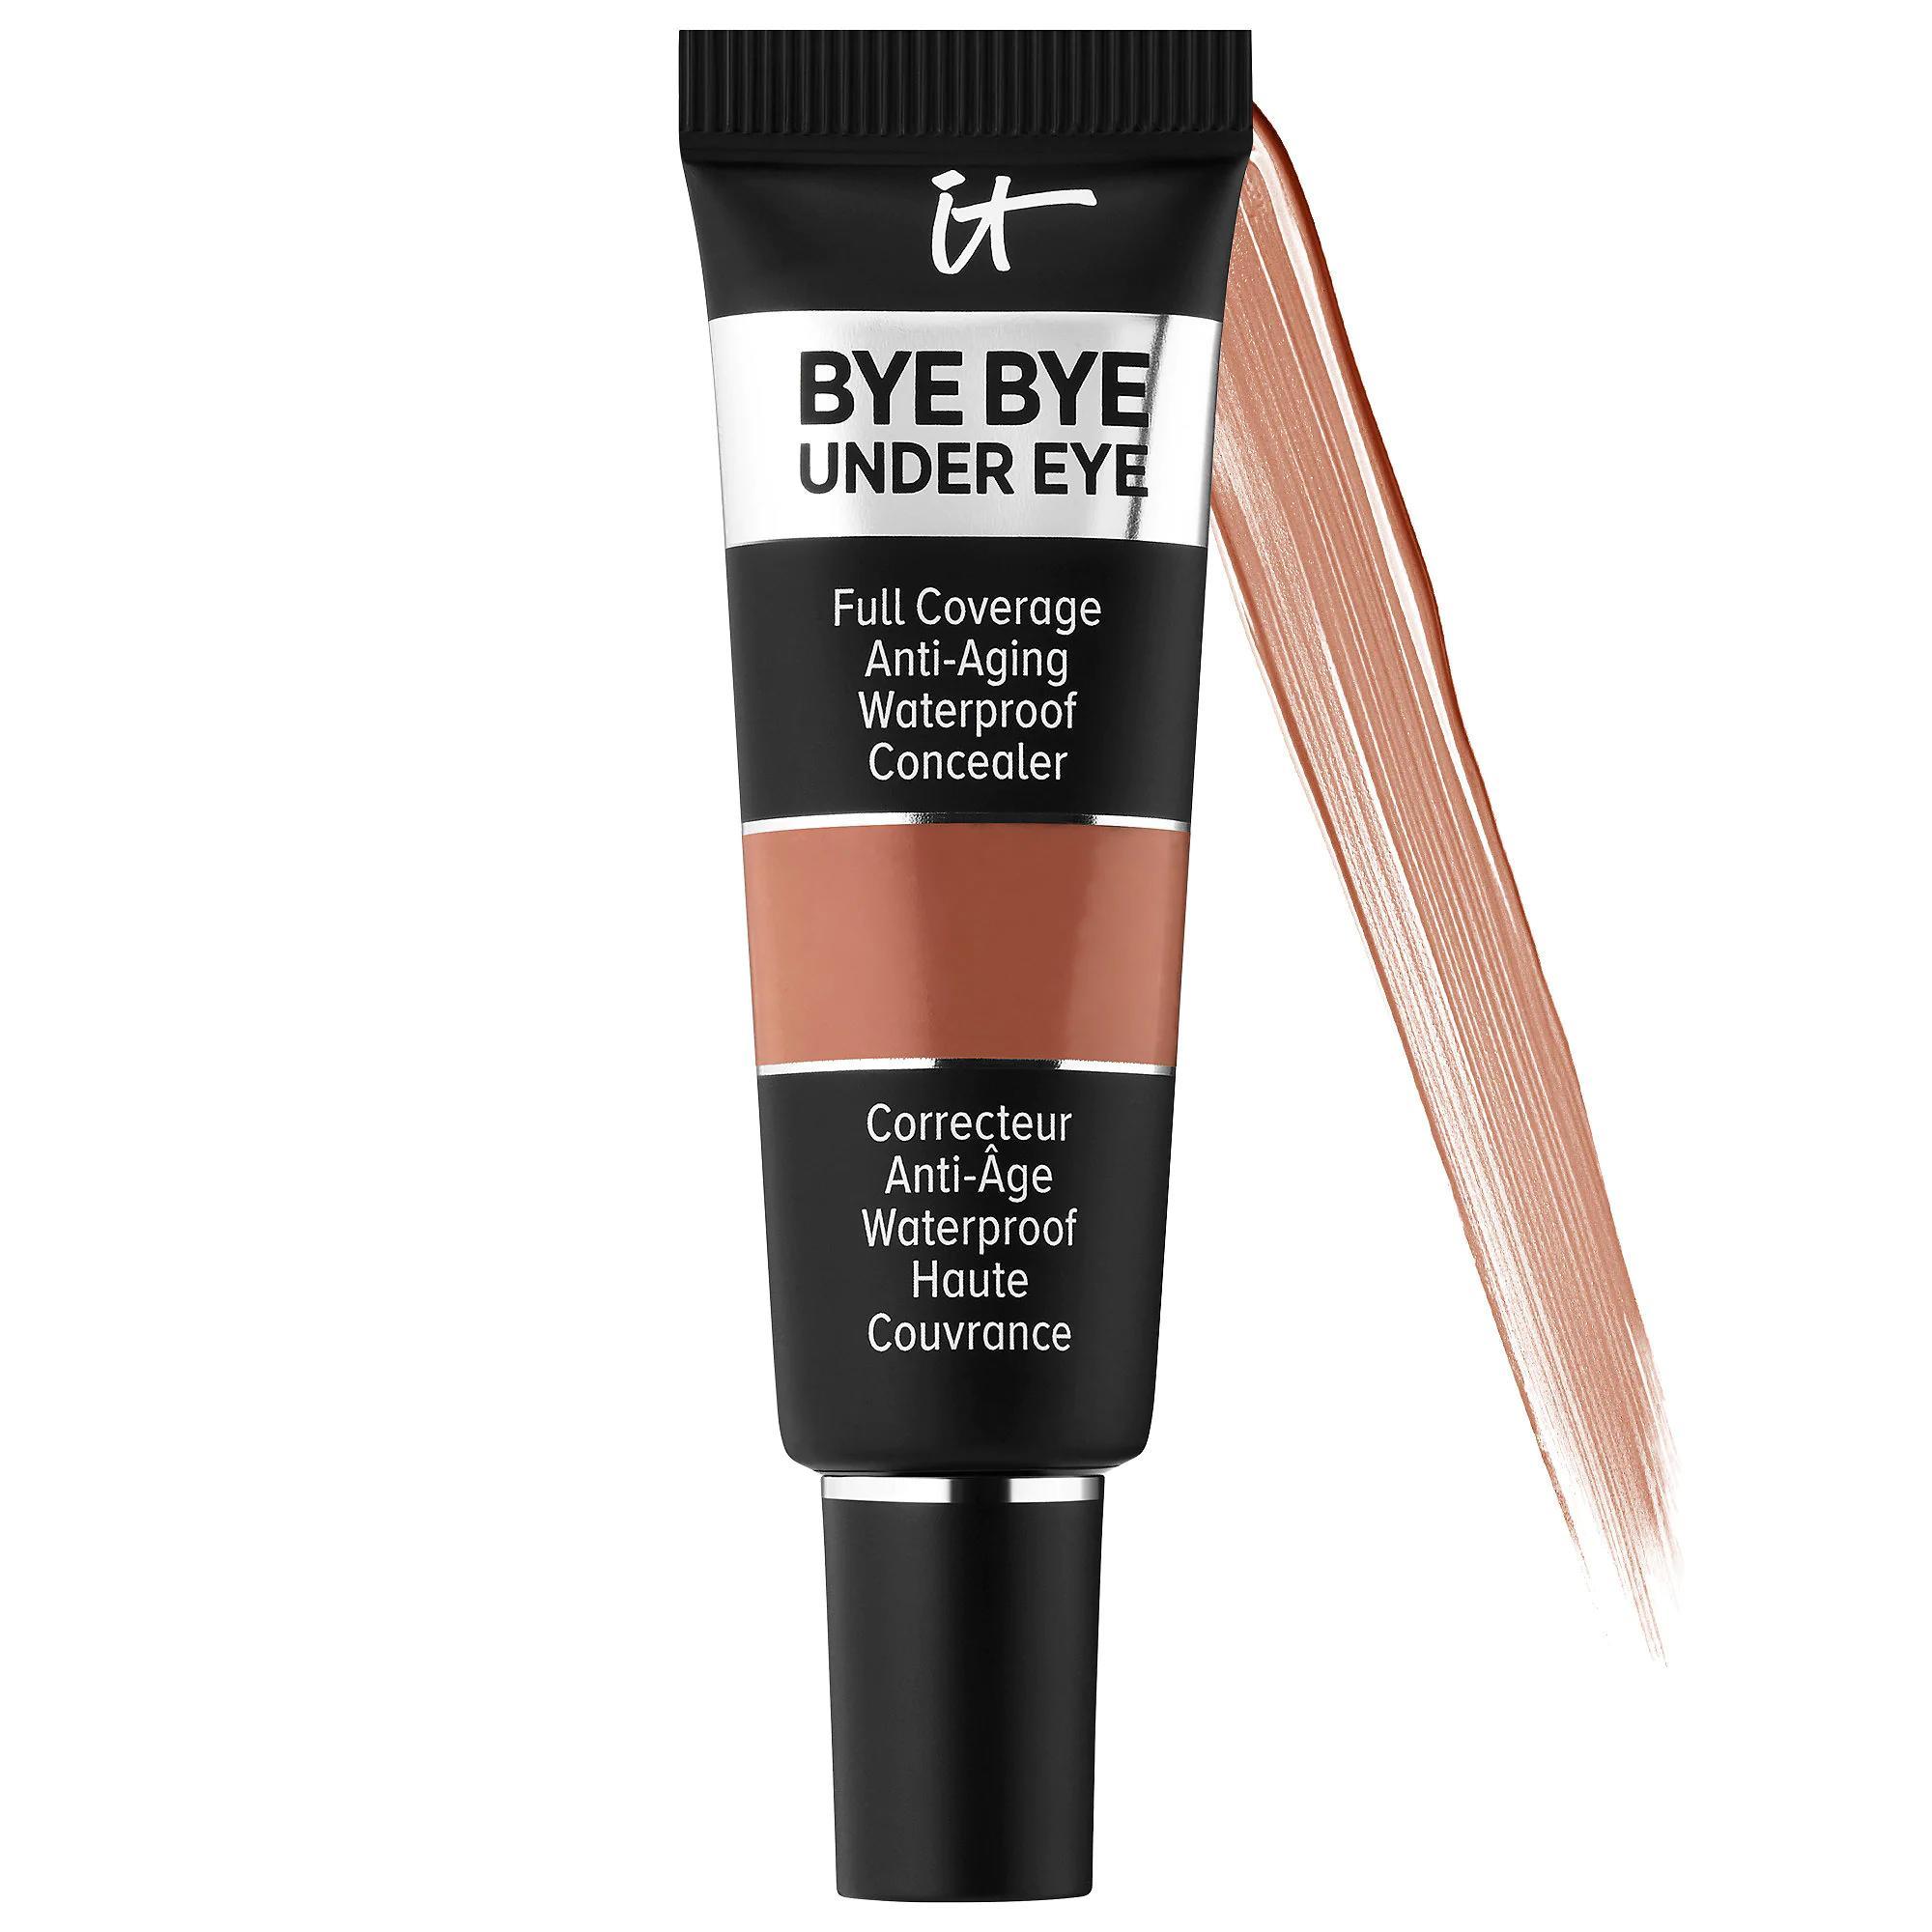 IT Cosmetics Bye Bye Under Eye Full Coverage Concealer Deep 40.5